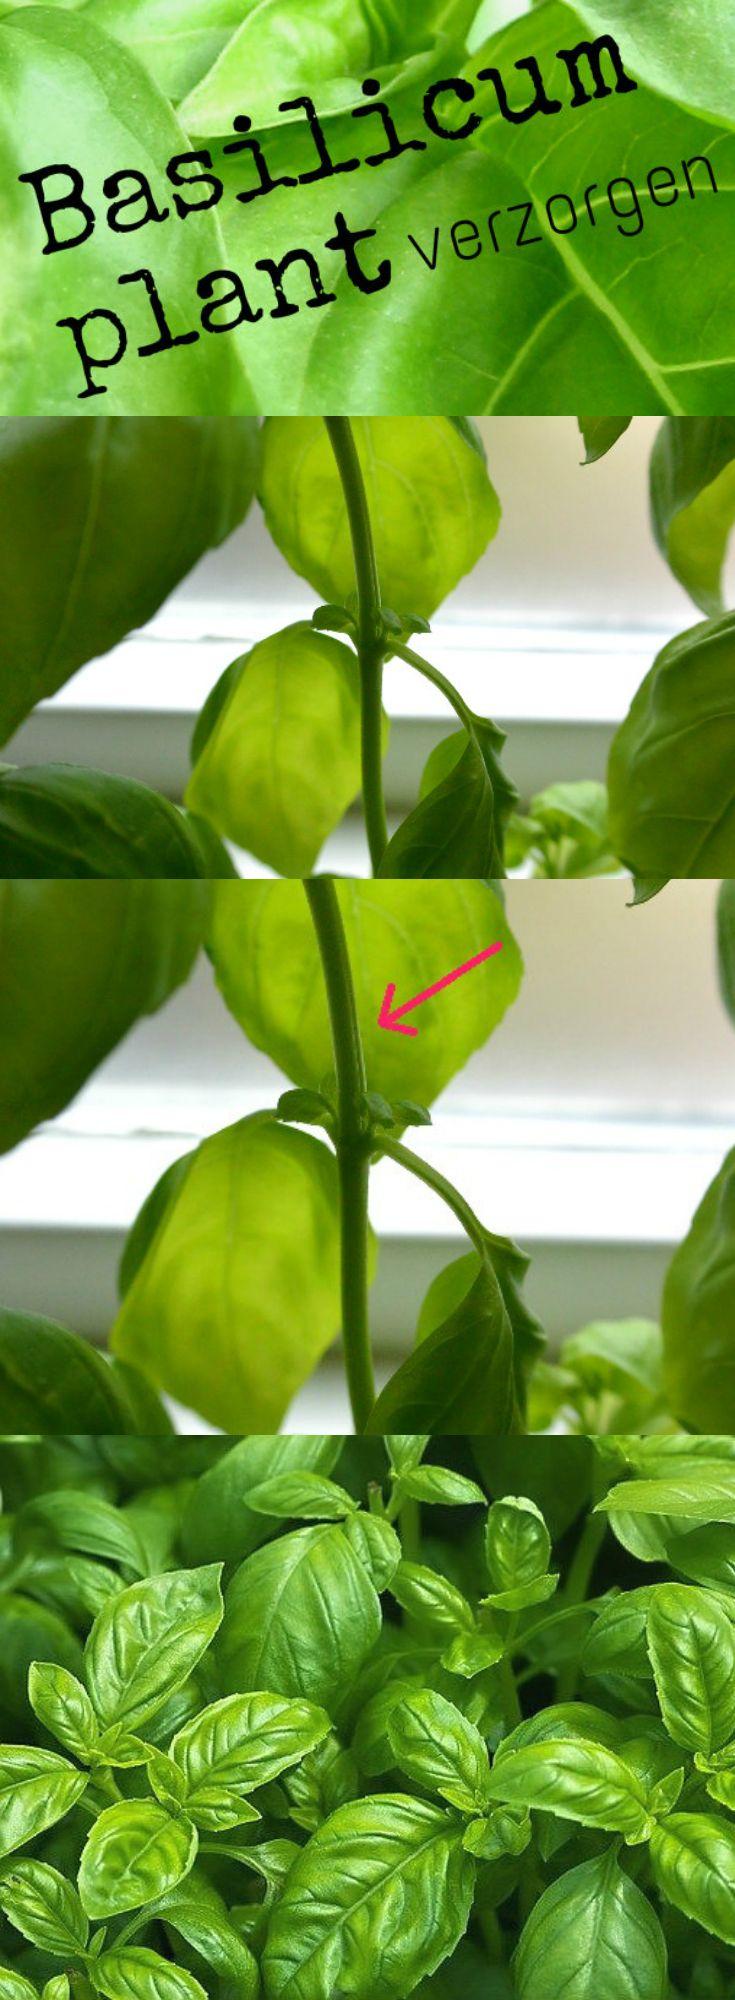 basilicum plant verzorgen en echt laten overleven. Tips op www.simplethoughts.nl